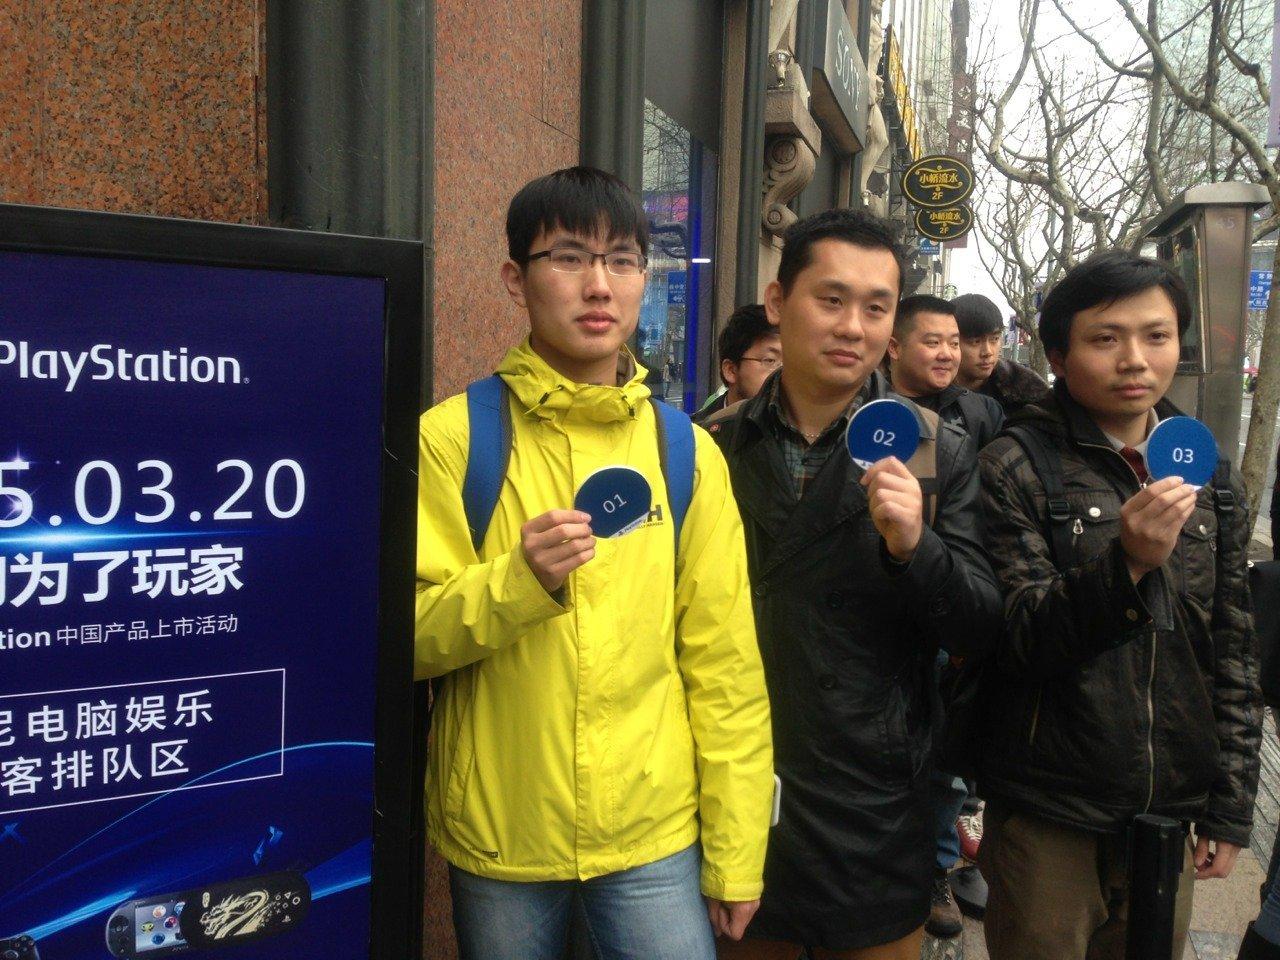 Китайцы встретили PlayStation 4 очередями !!! Долгожданный релиз в Китае ! - Изображение 3